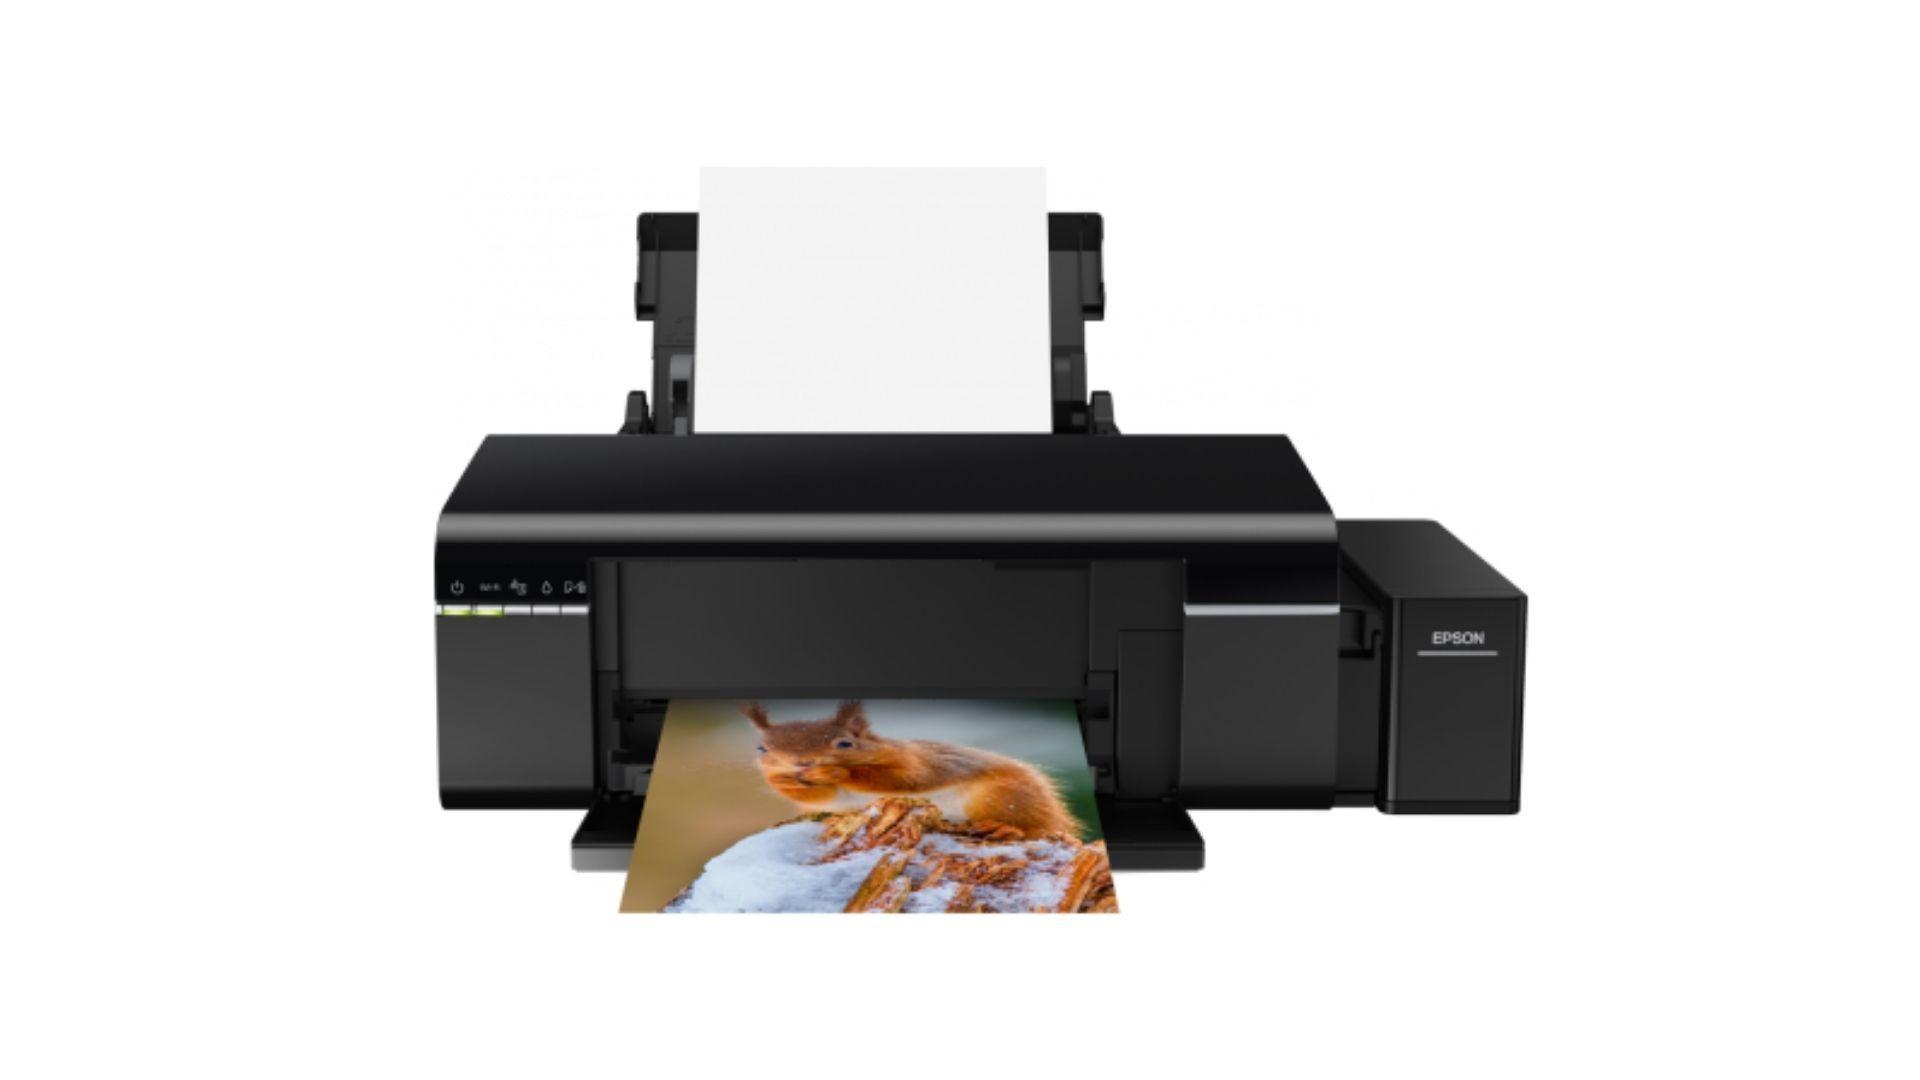 A impressora bulk ink Epson Ecotank L805 dá muito mais qualidade para as impressões fotográficas (Divulgação/ Epson)